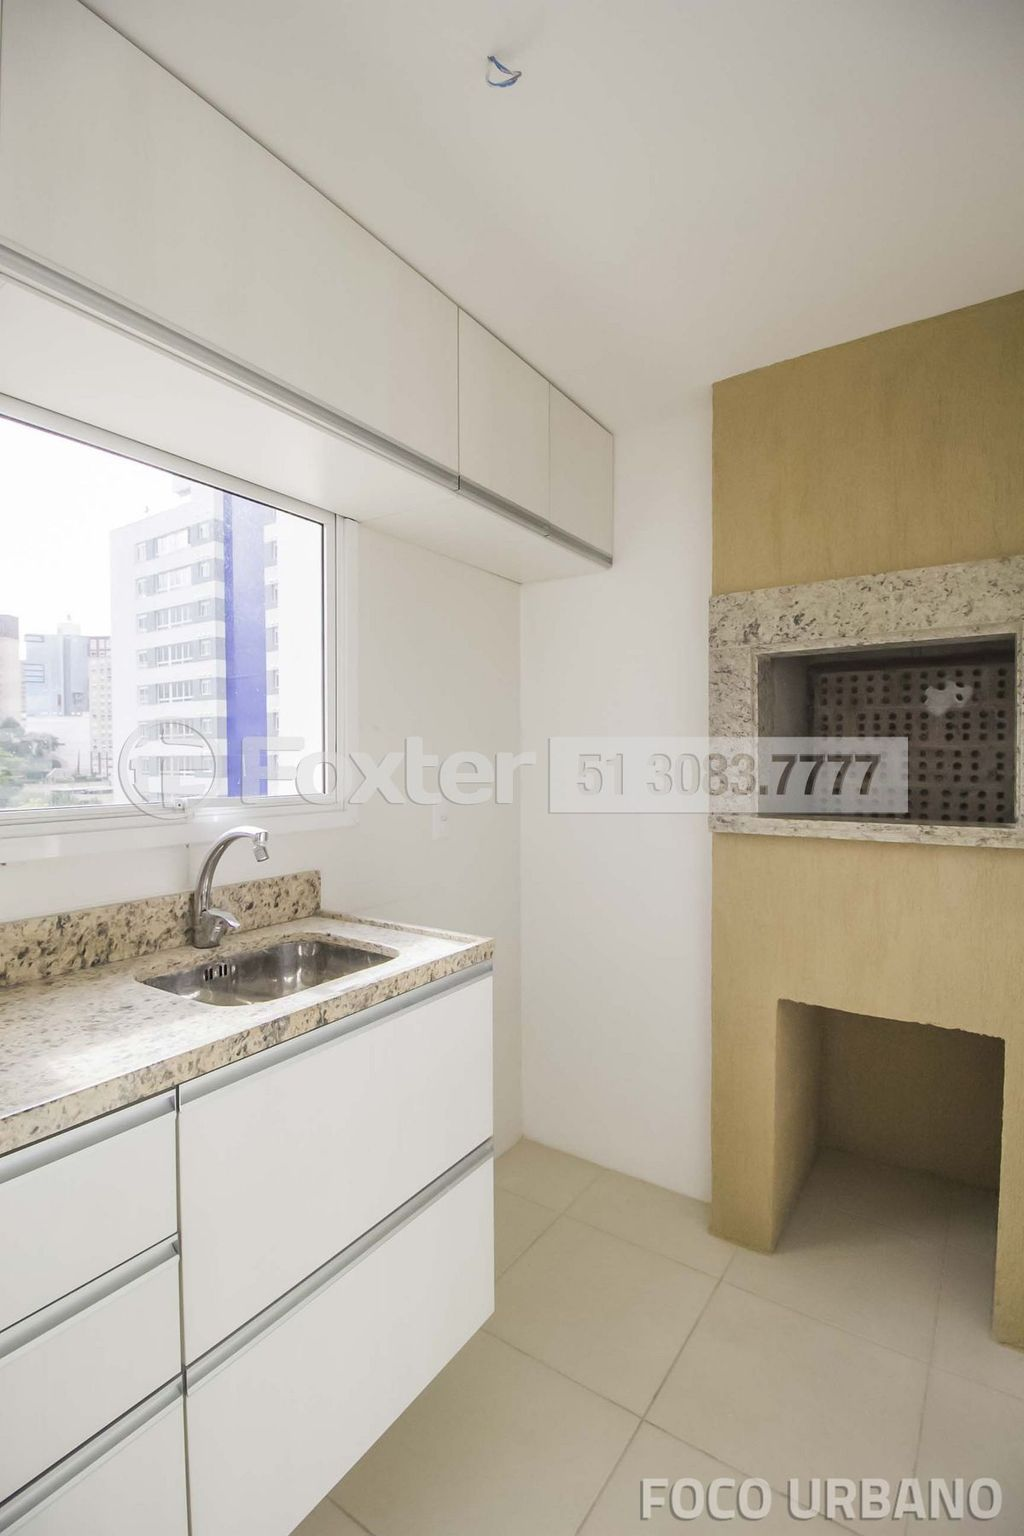 Foxter Imobiliária - Apto 3 Dorm, Petrópolis - Foto 8